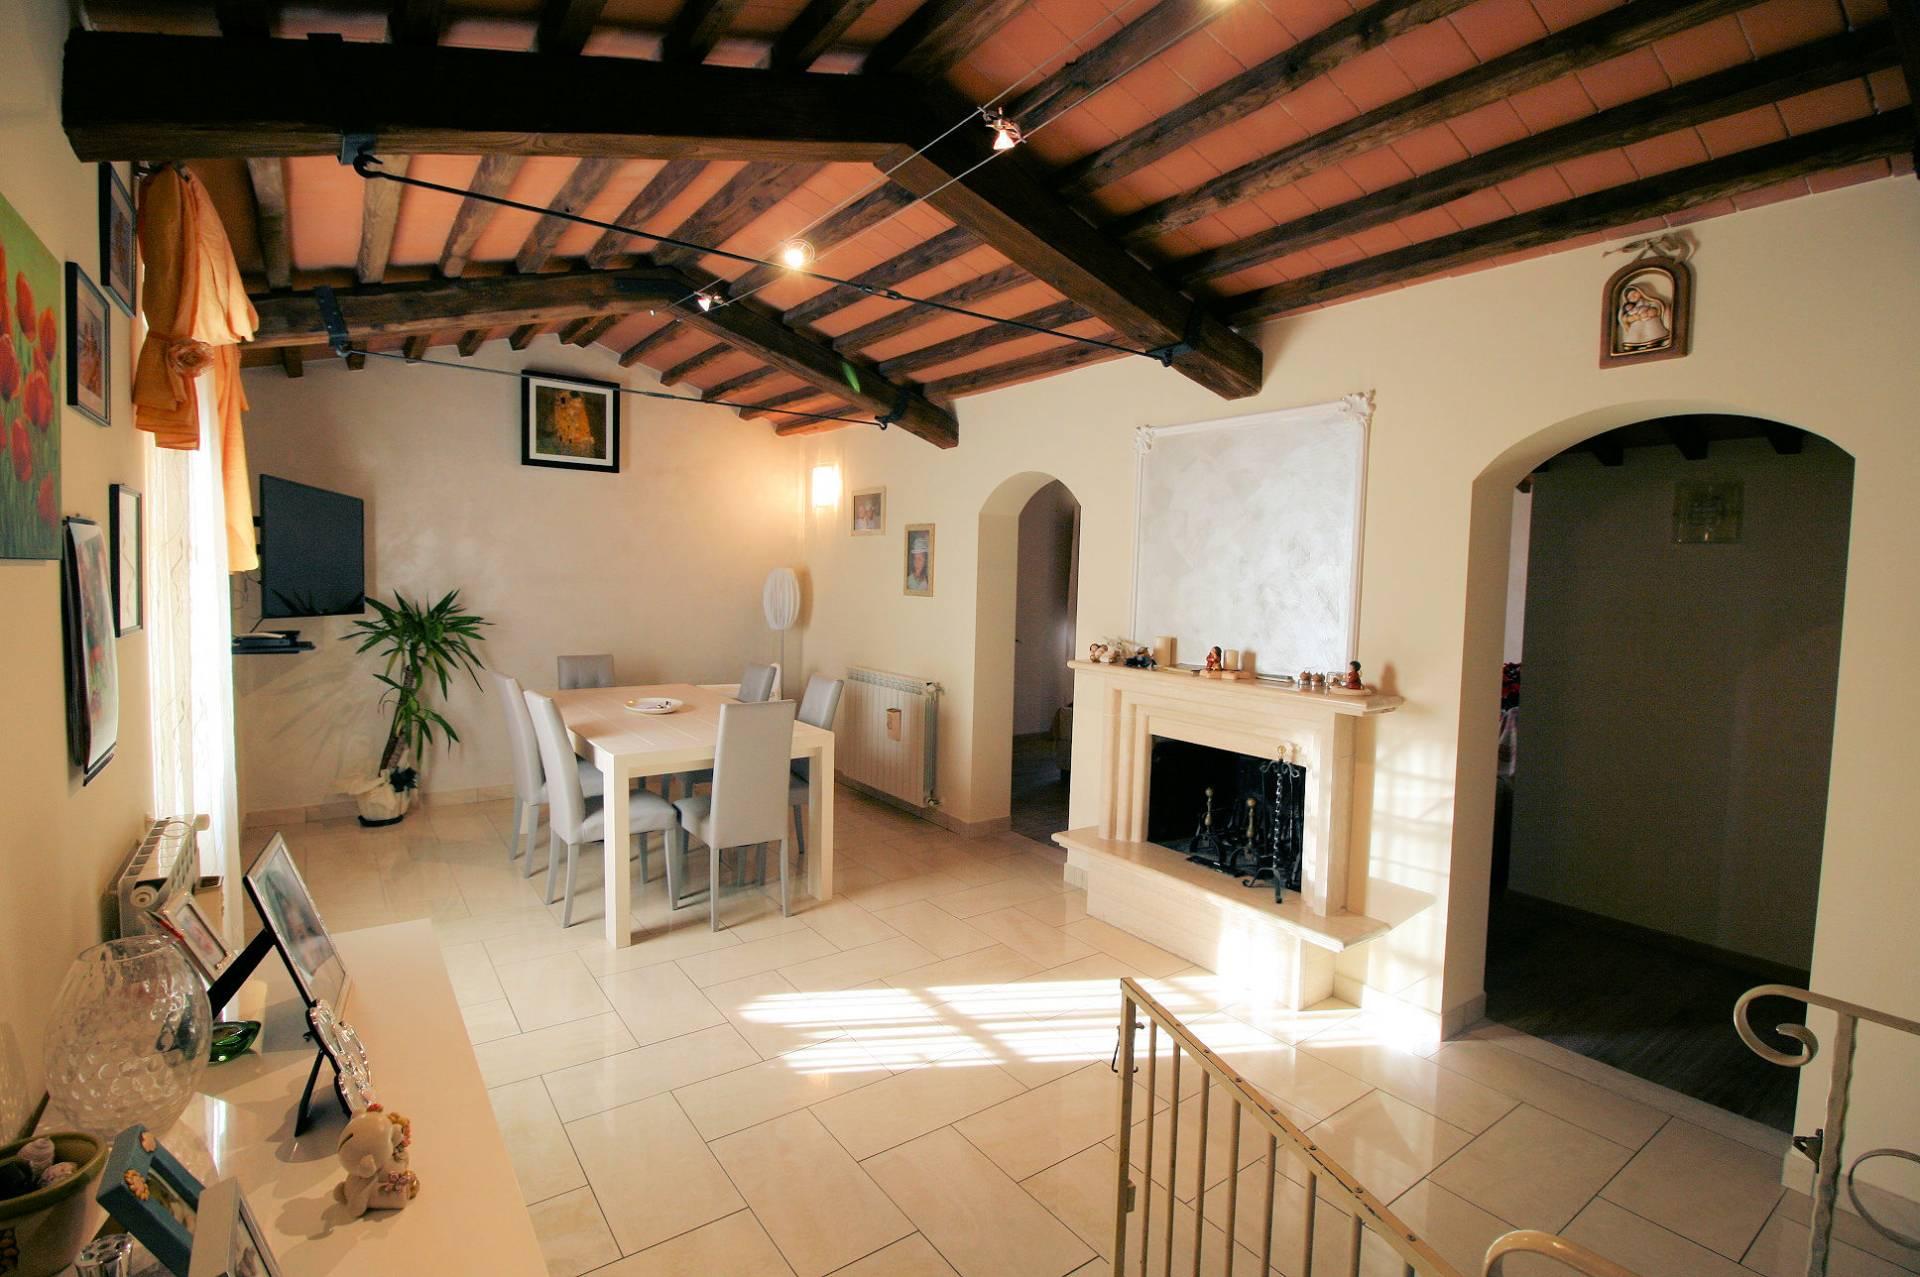 Rustico / Casale in vendita a Pescia, 5 locali, prezzo € 350.000 | Cambio Casa.it